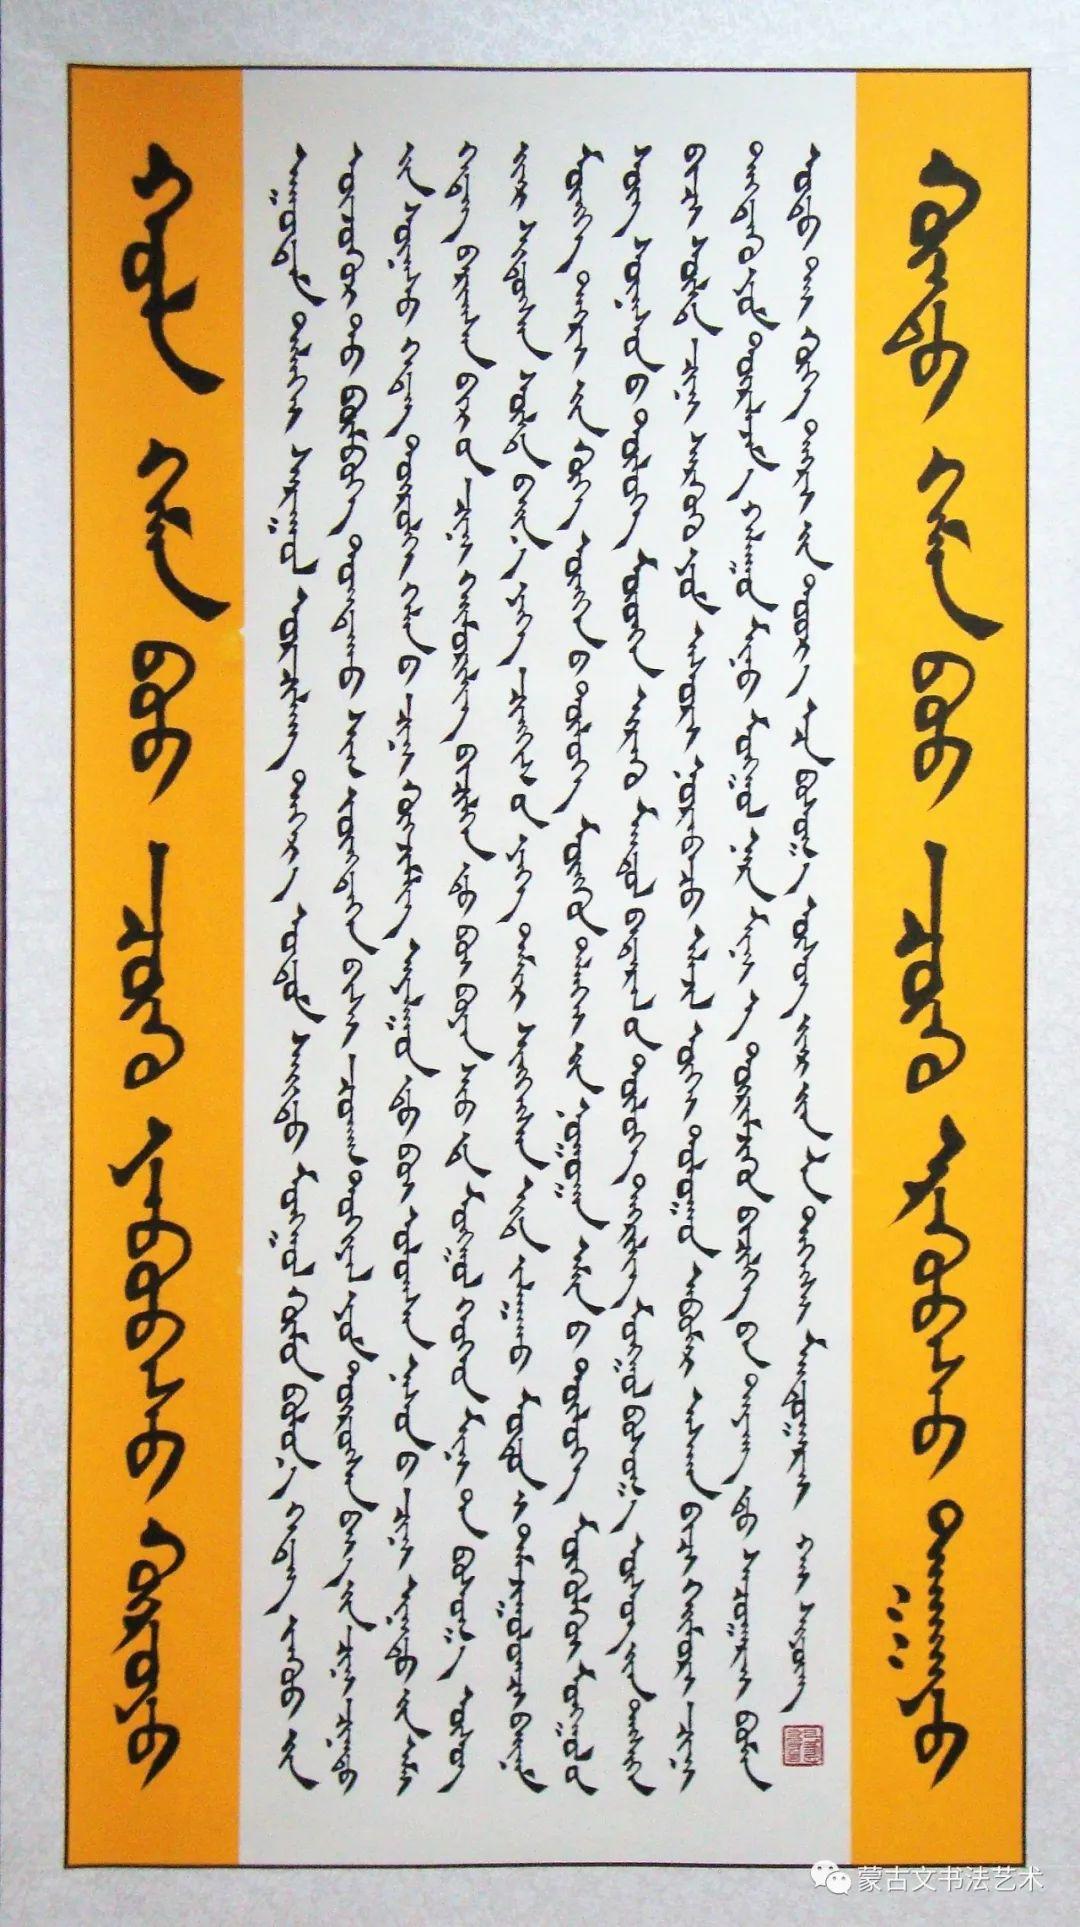 海雄蒙古文书法作品(二) 第5张